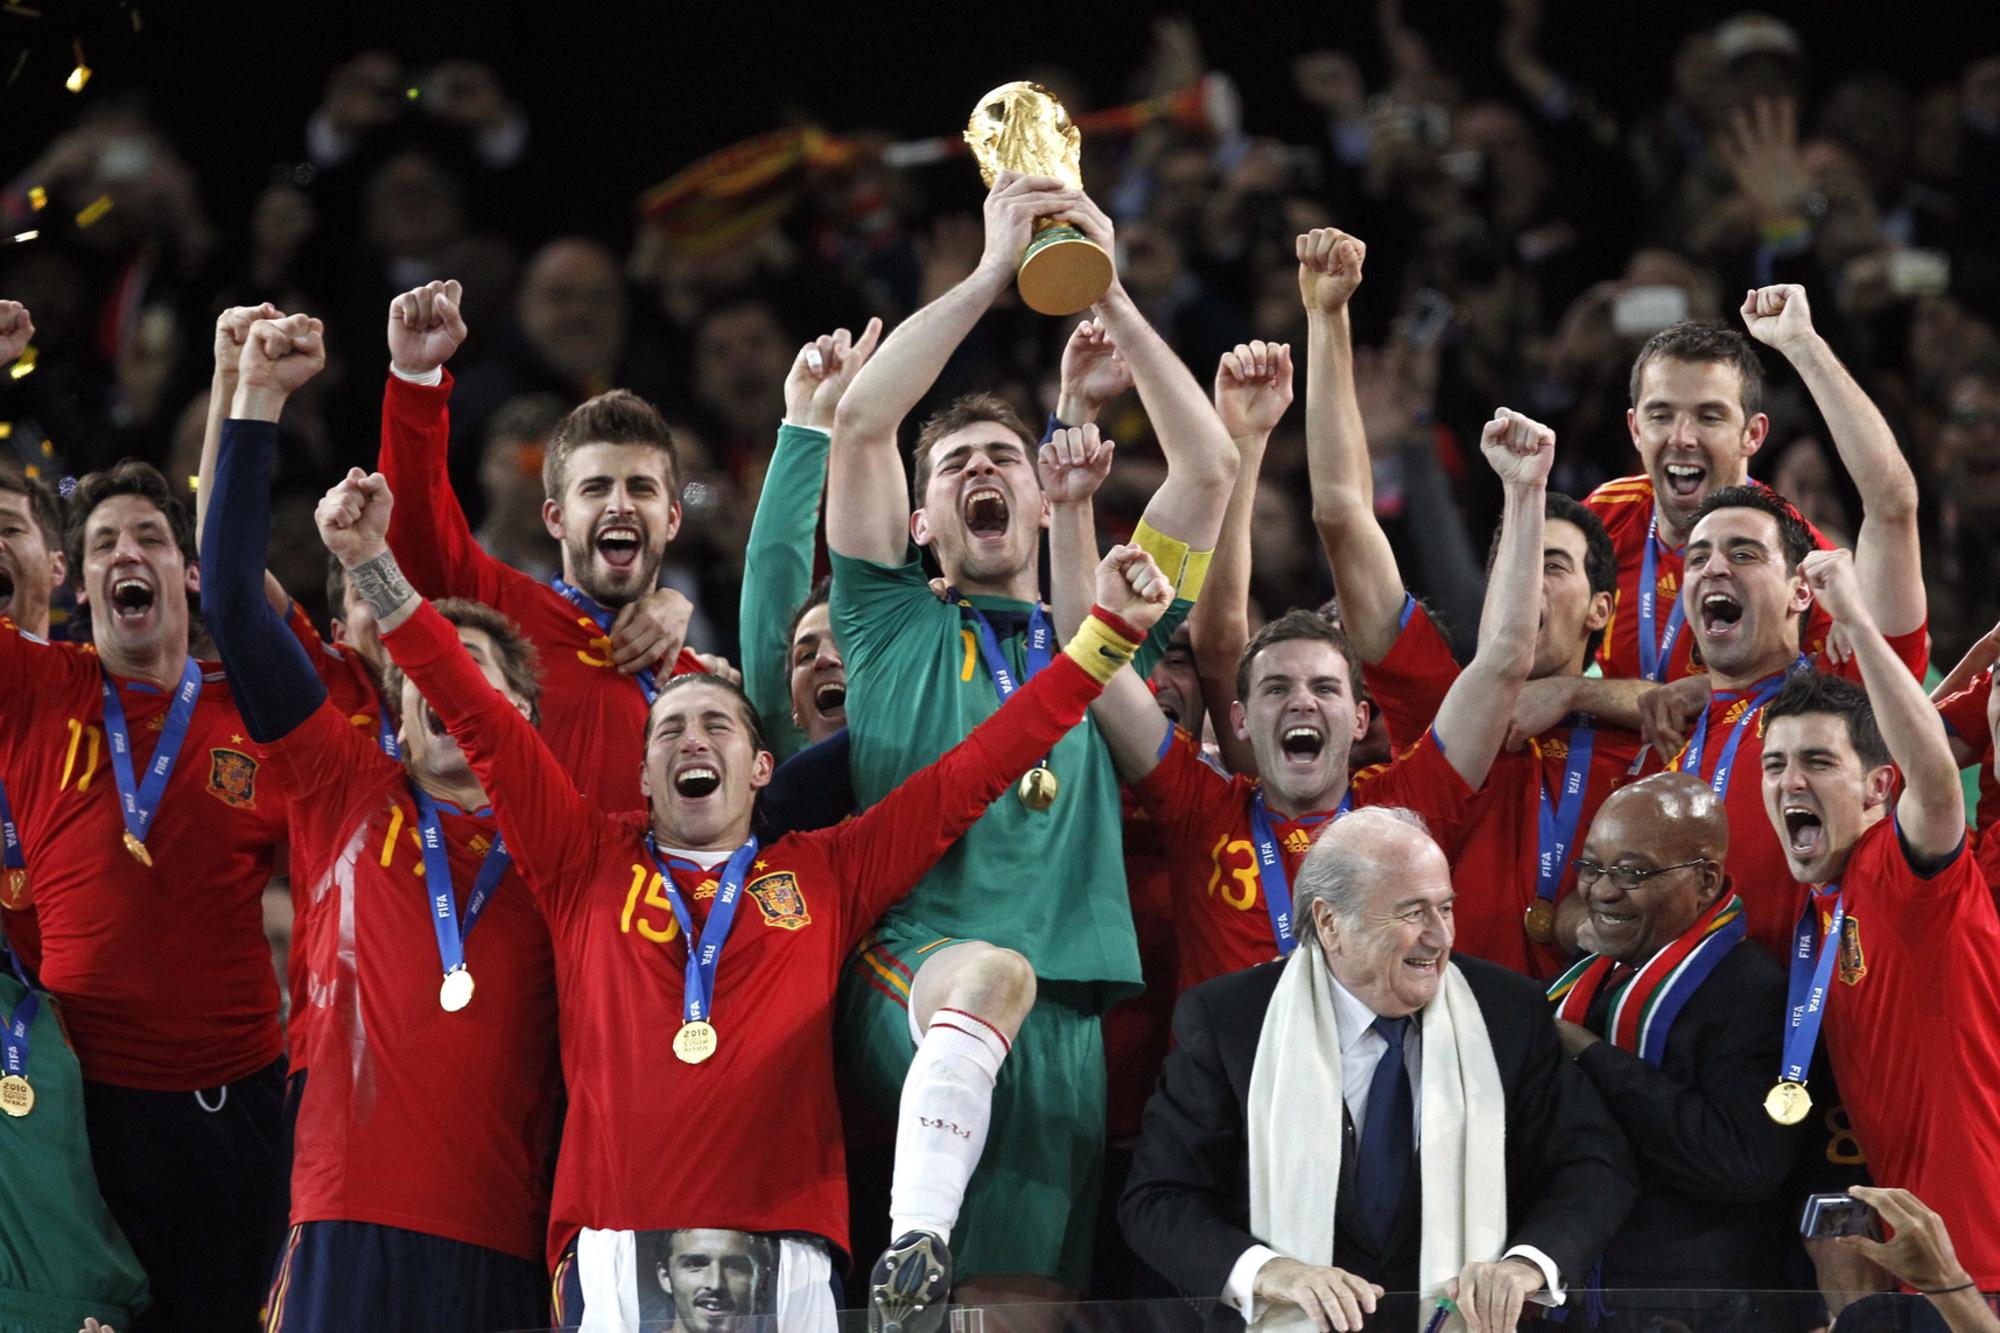 La Roja, en 2010, soulève sa première Coupe du Monde., belga